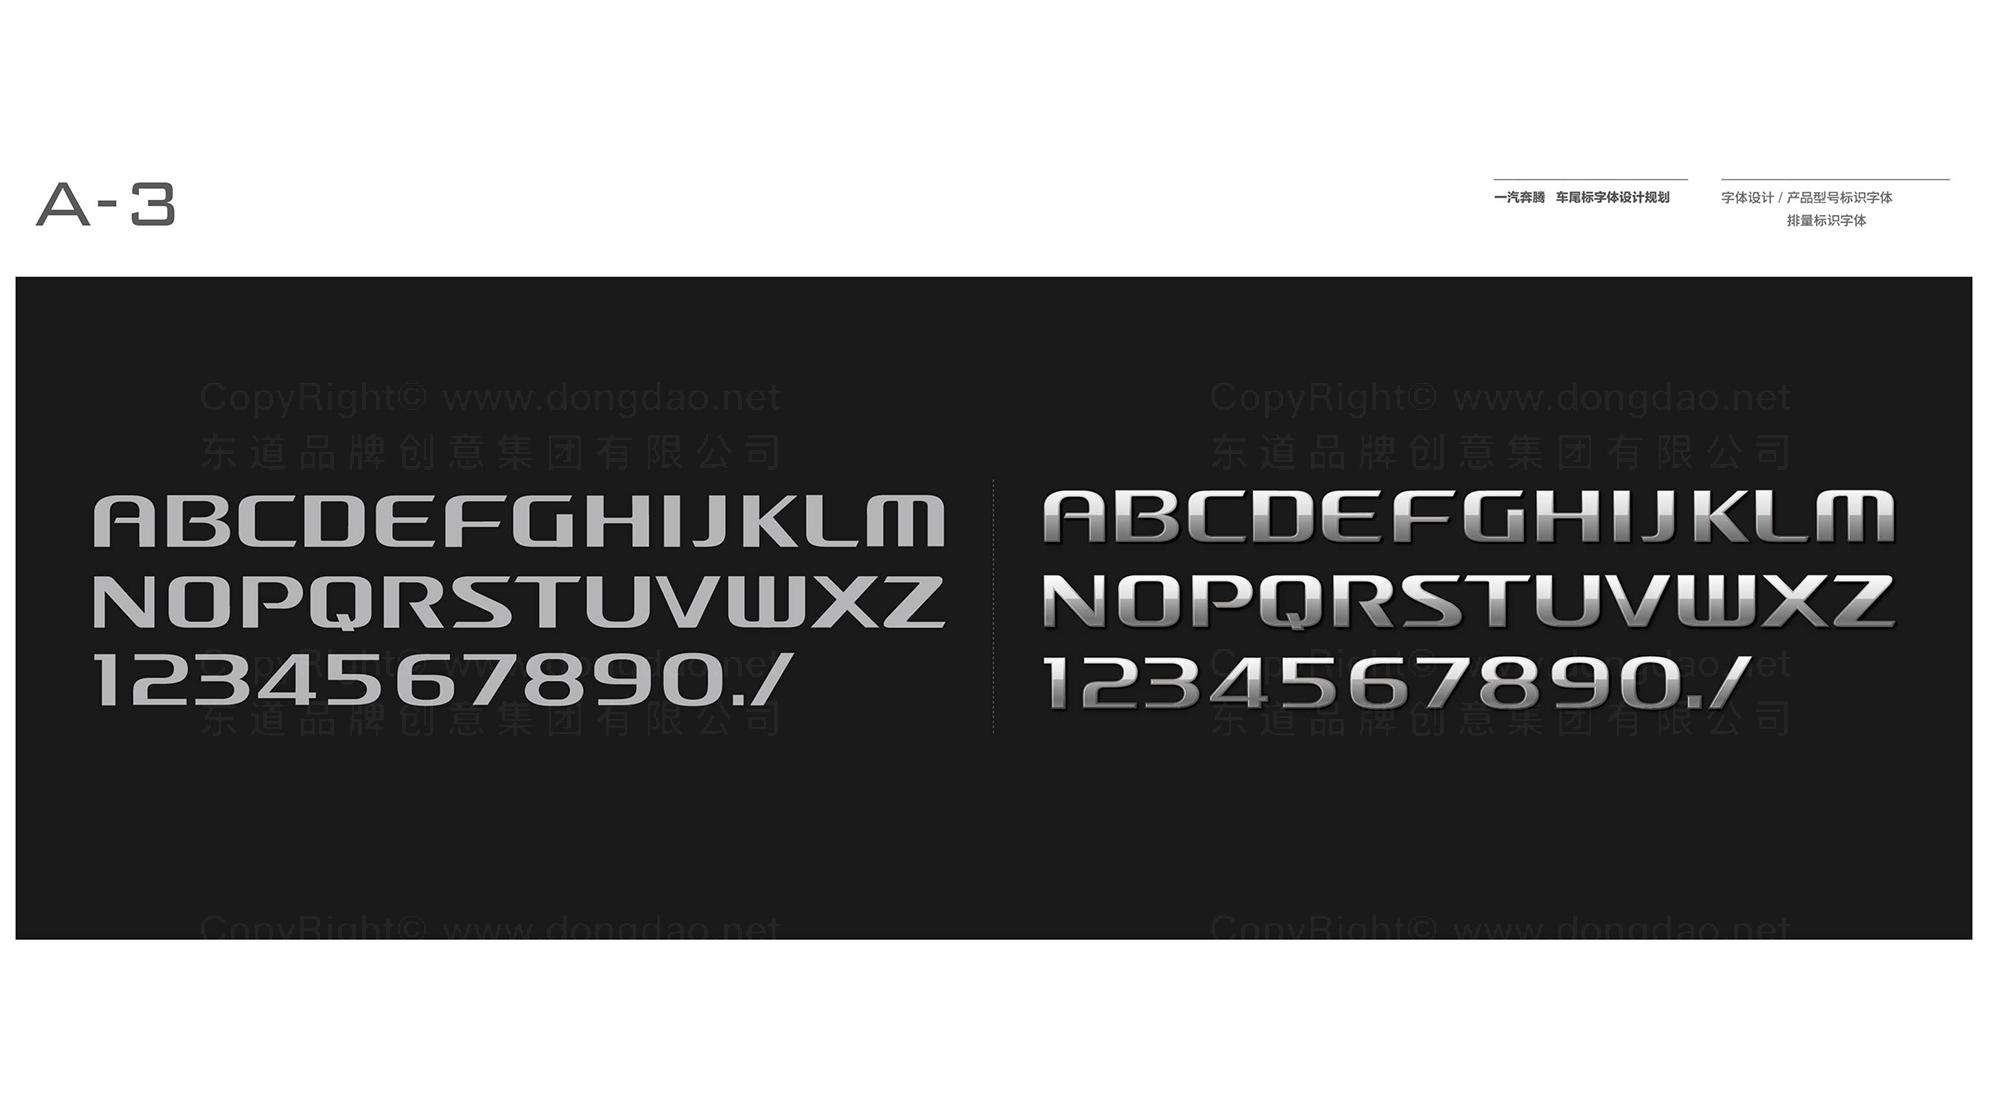 汽车logo设计应用场景_5